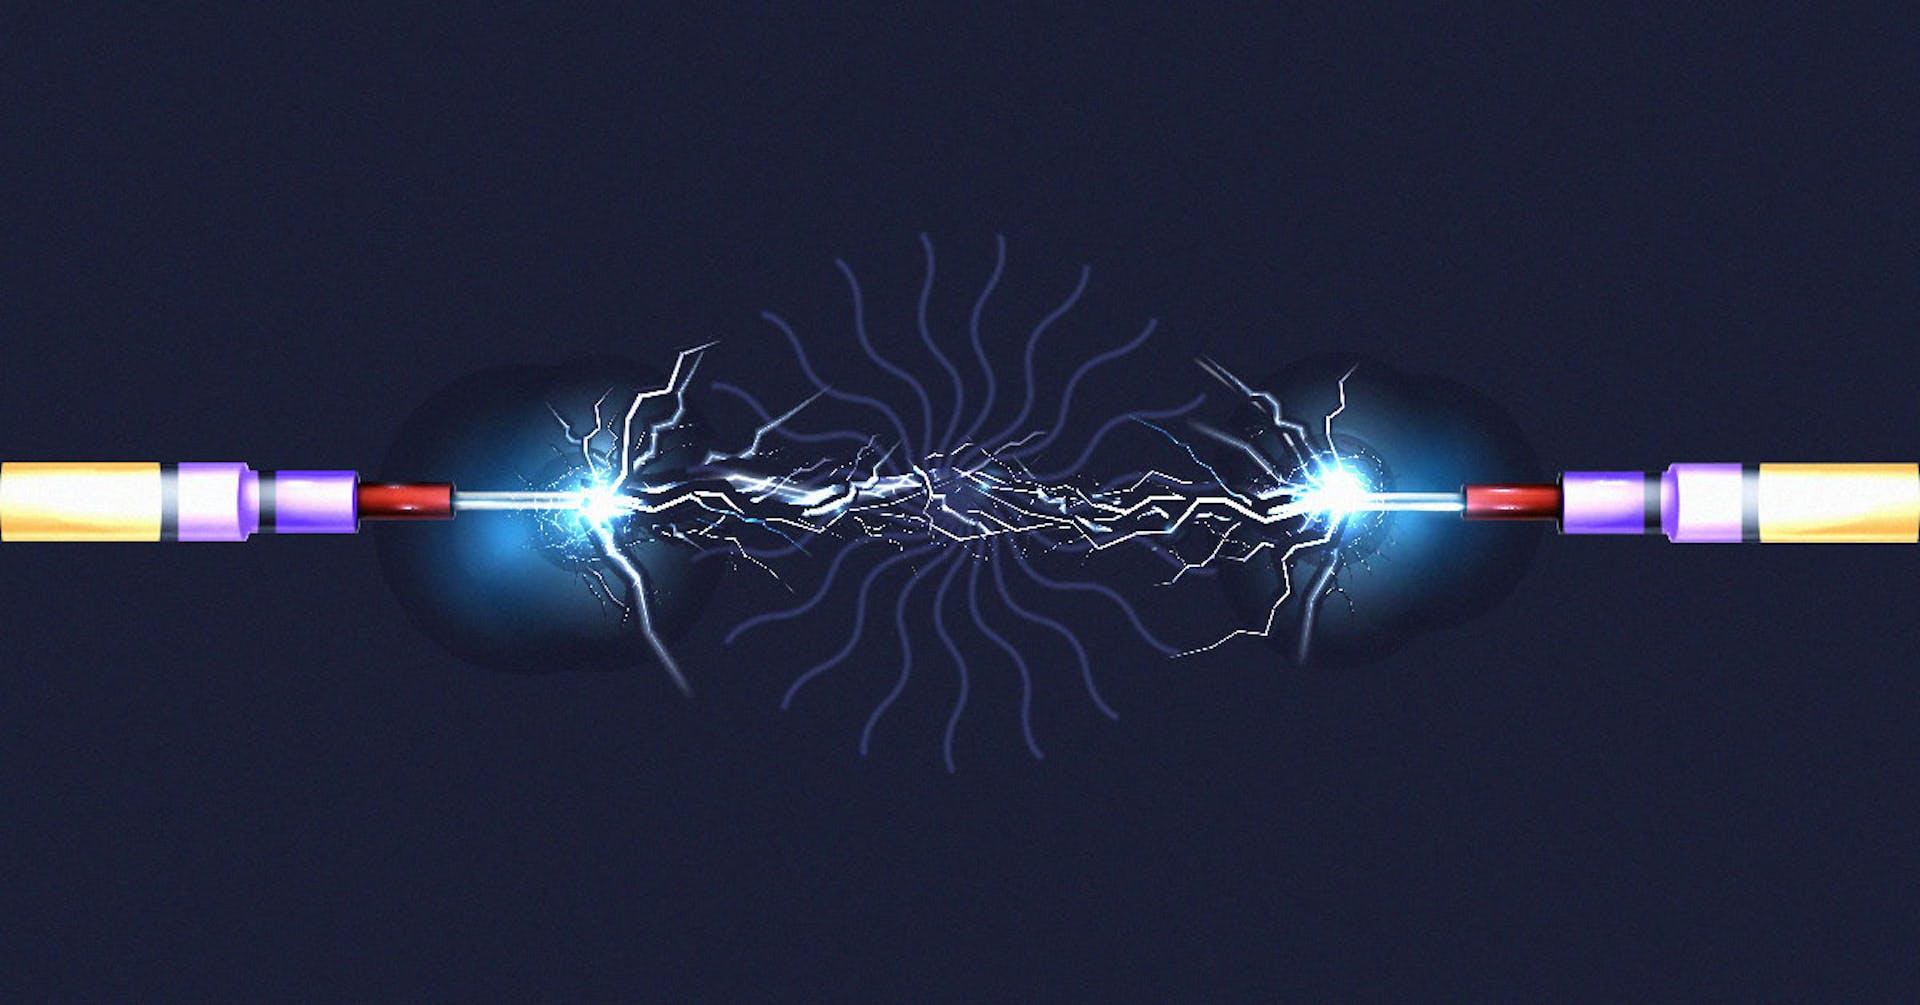 ¿Qué es un circuito eléctrico en serie? Descubre por qué debes cuidar las luces de tu árbol de navidad